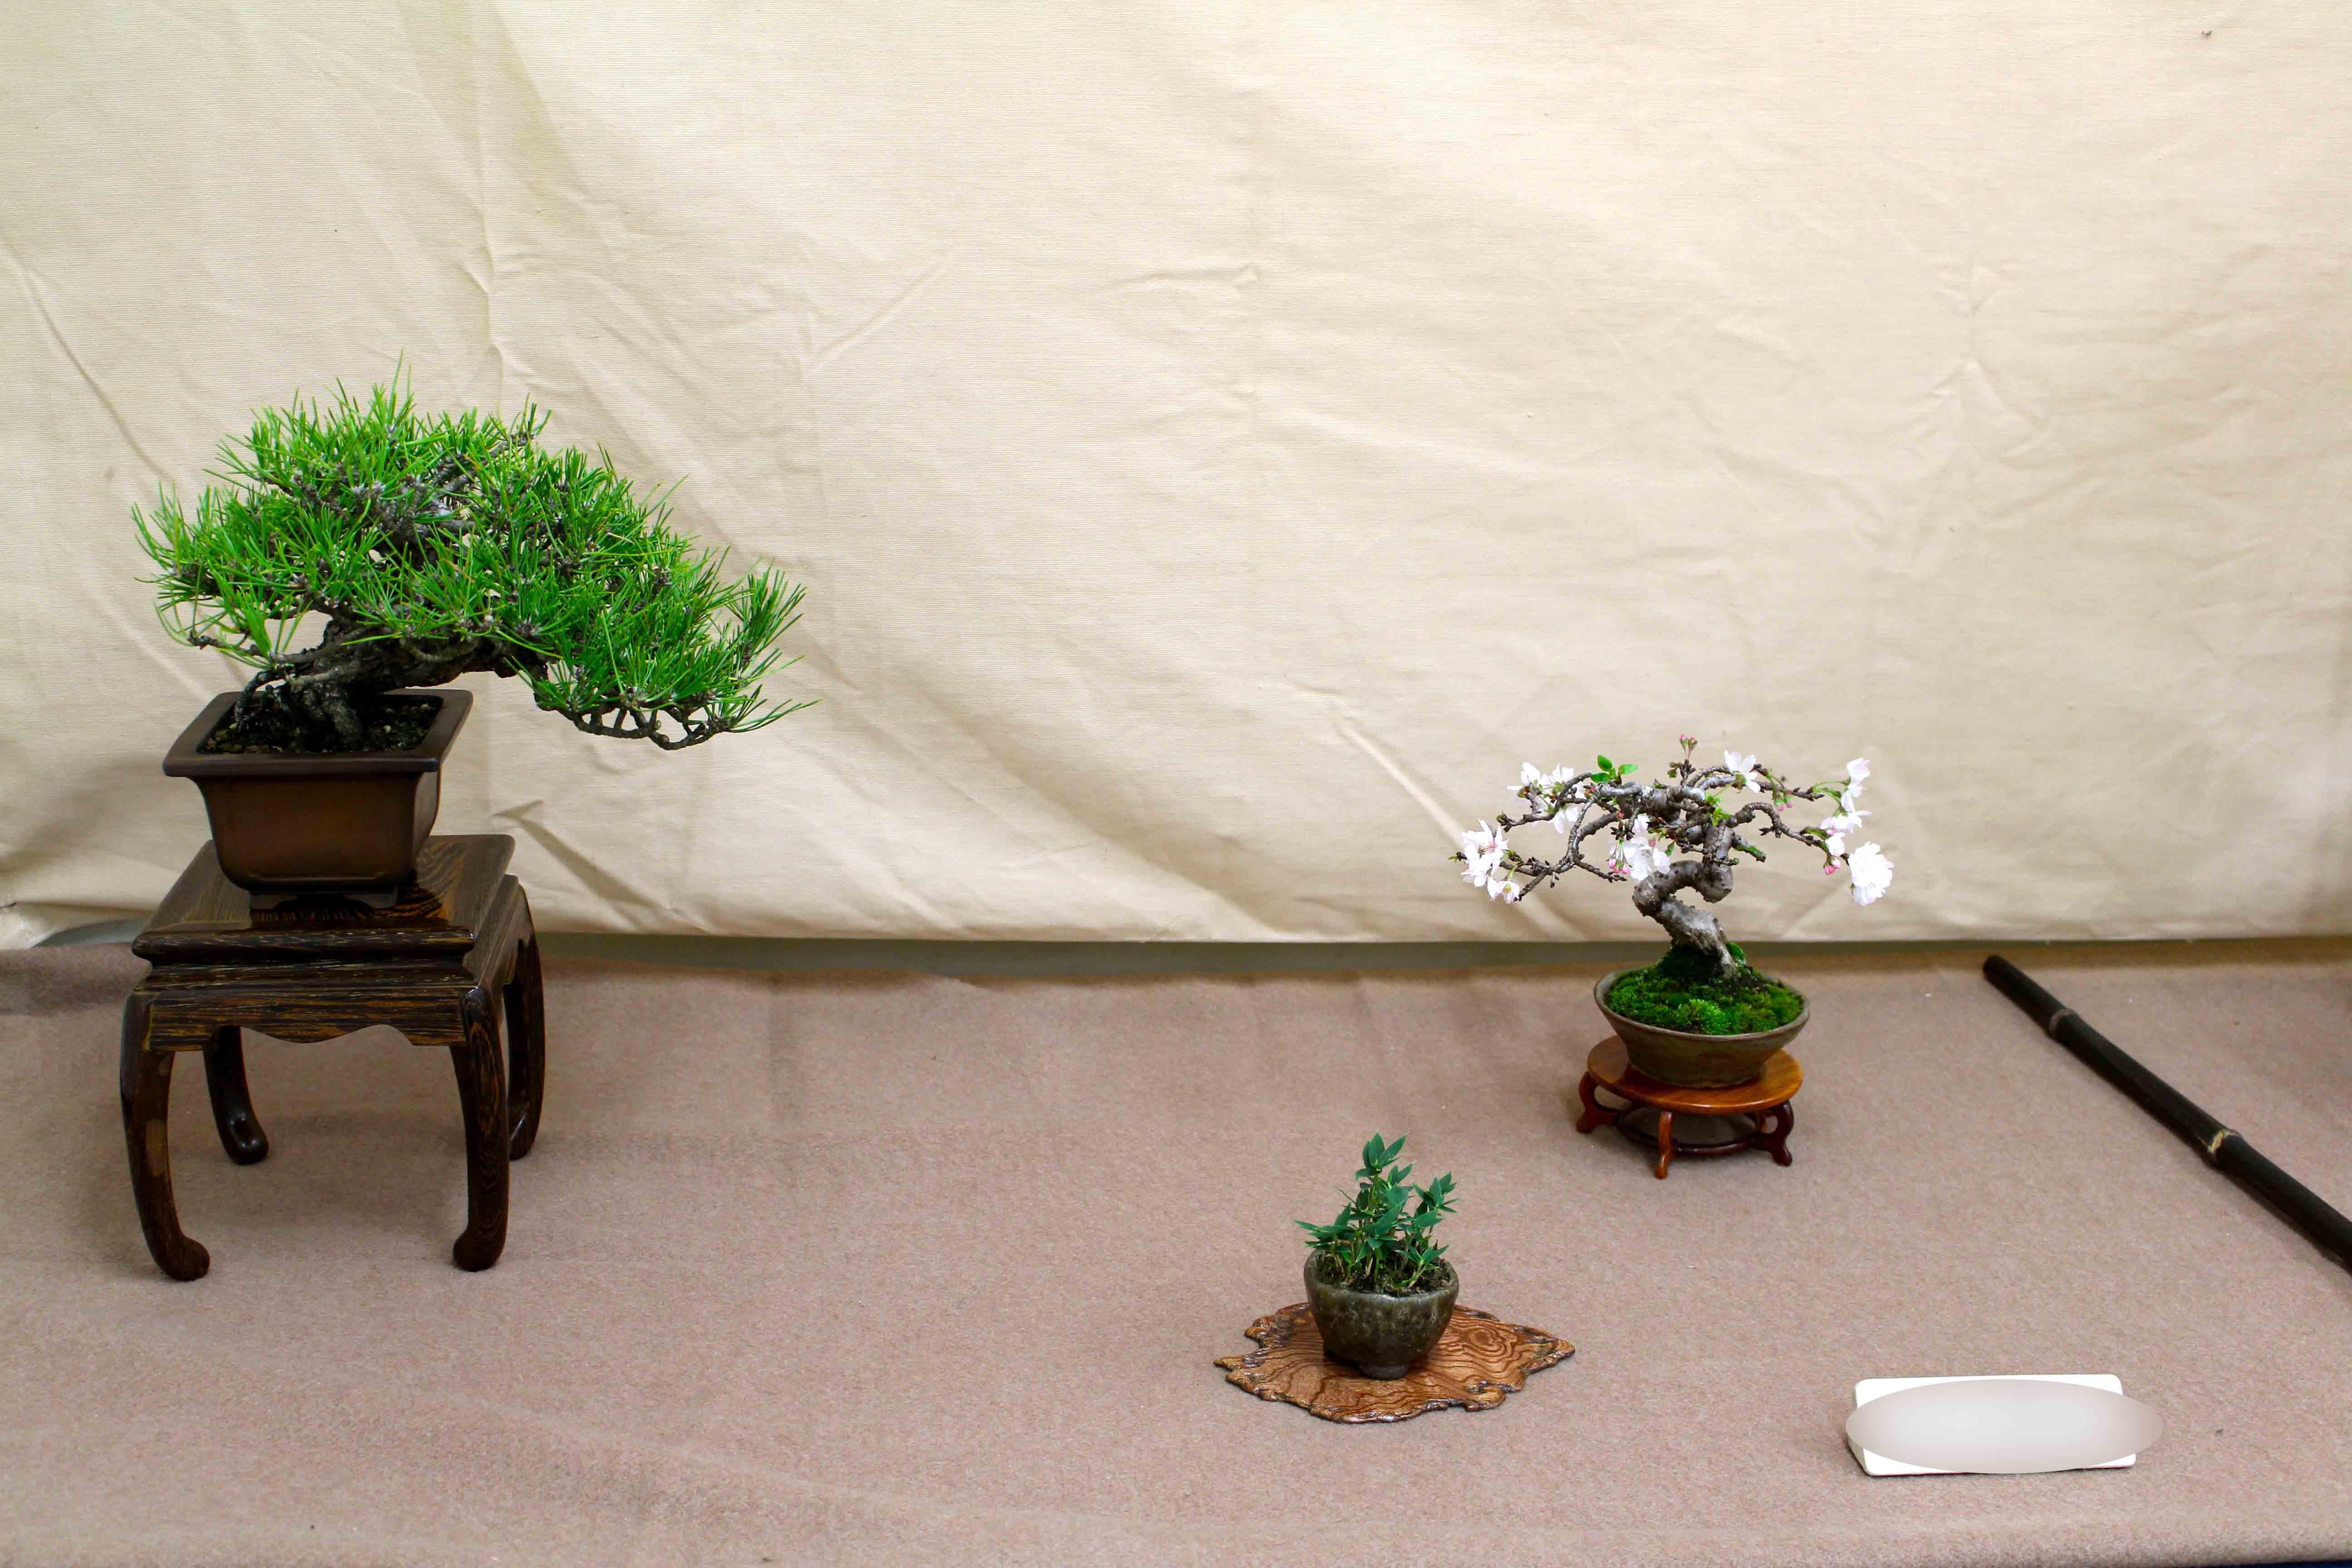 小品盆栽展示会 _e0298782_17291532.jpg